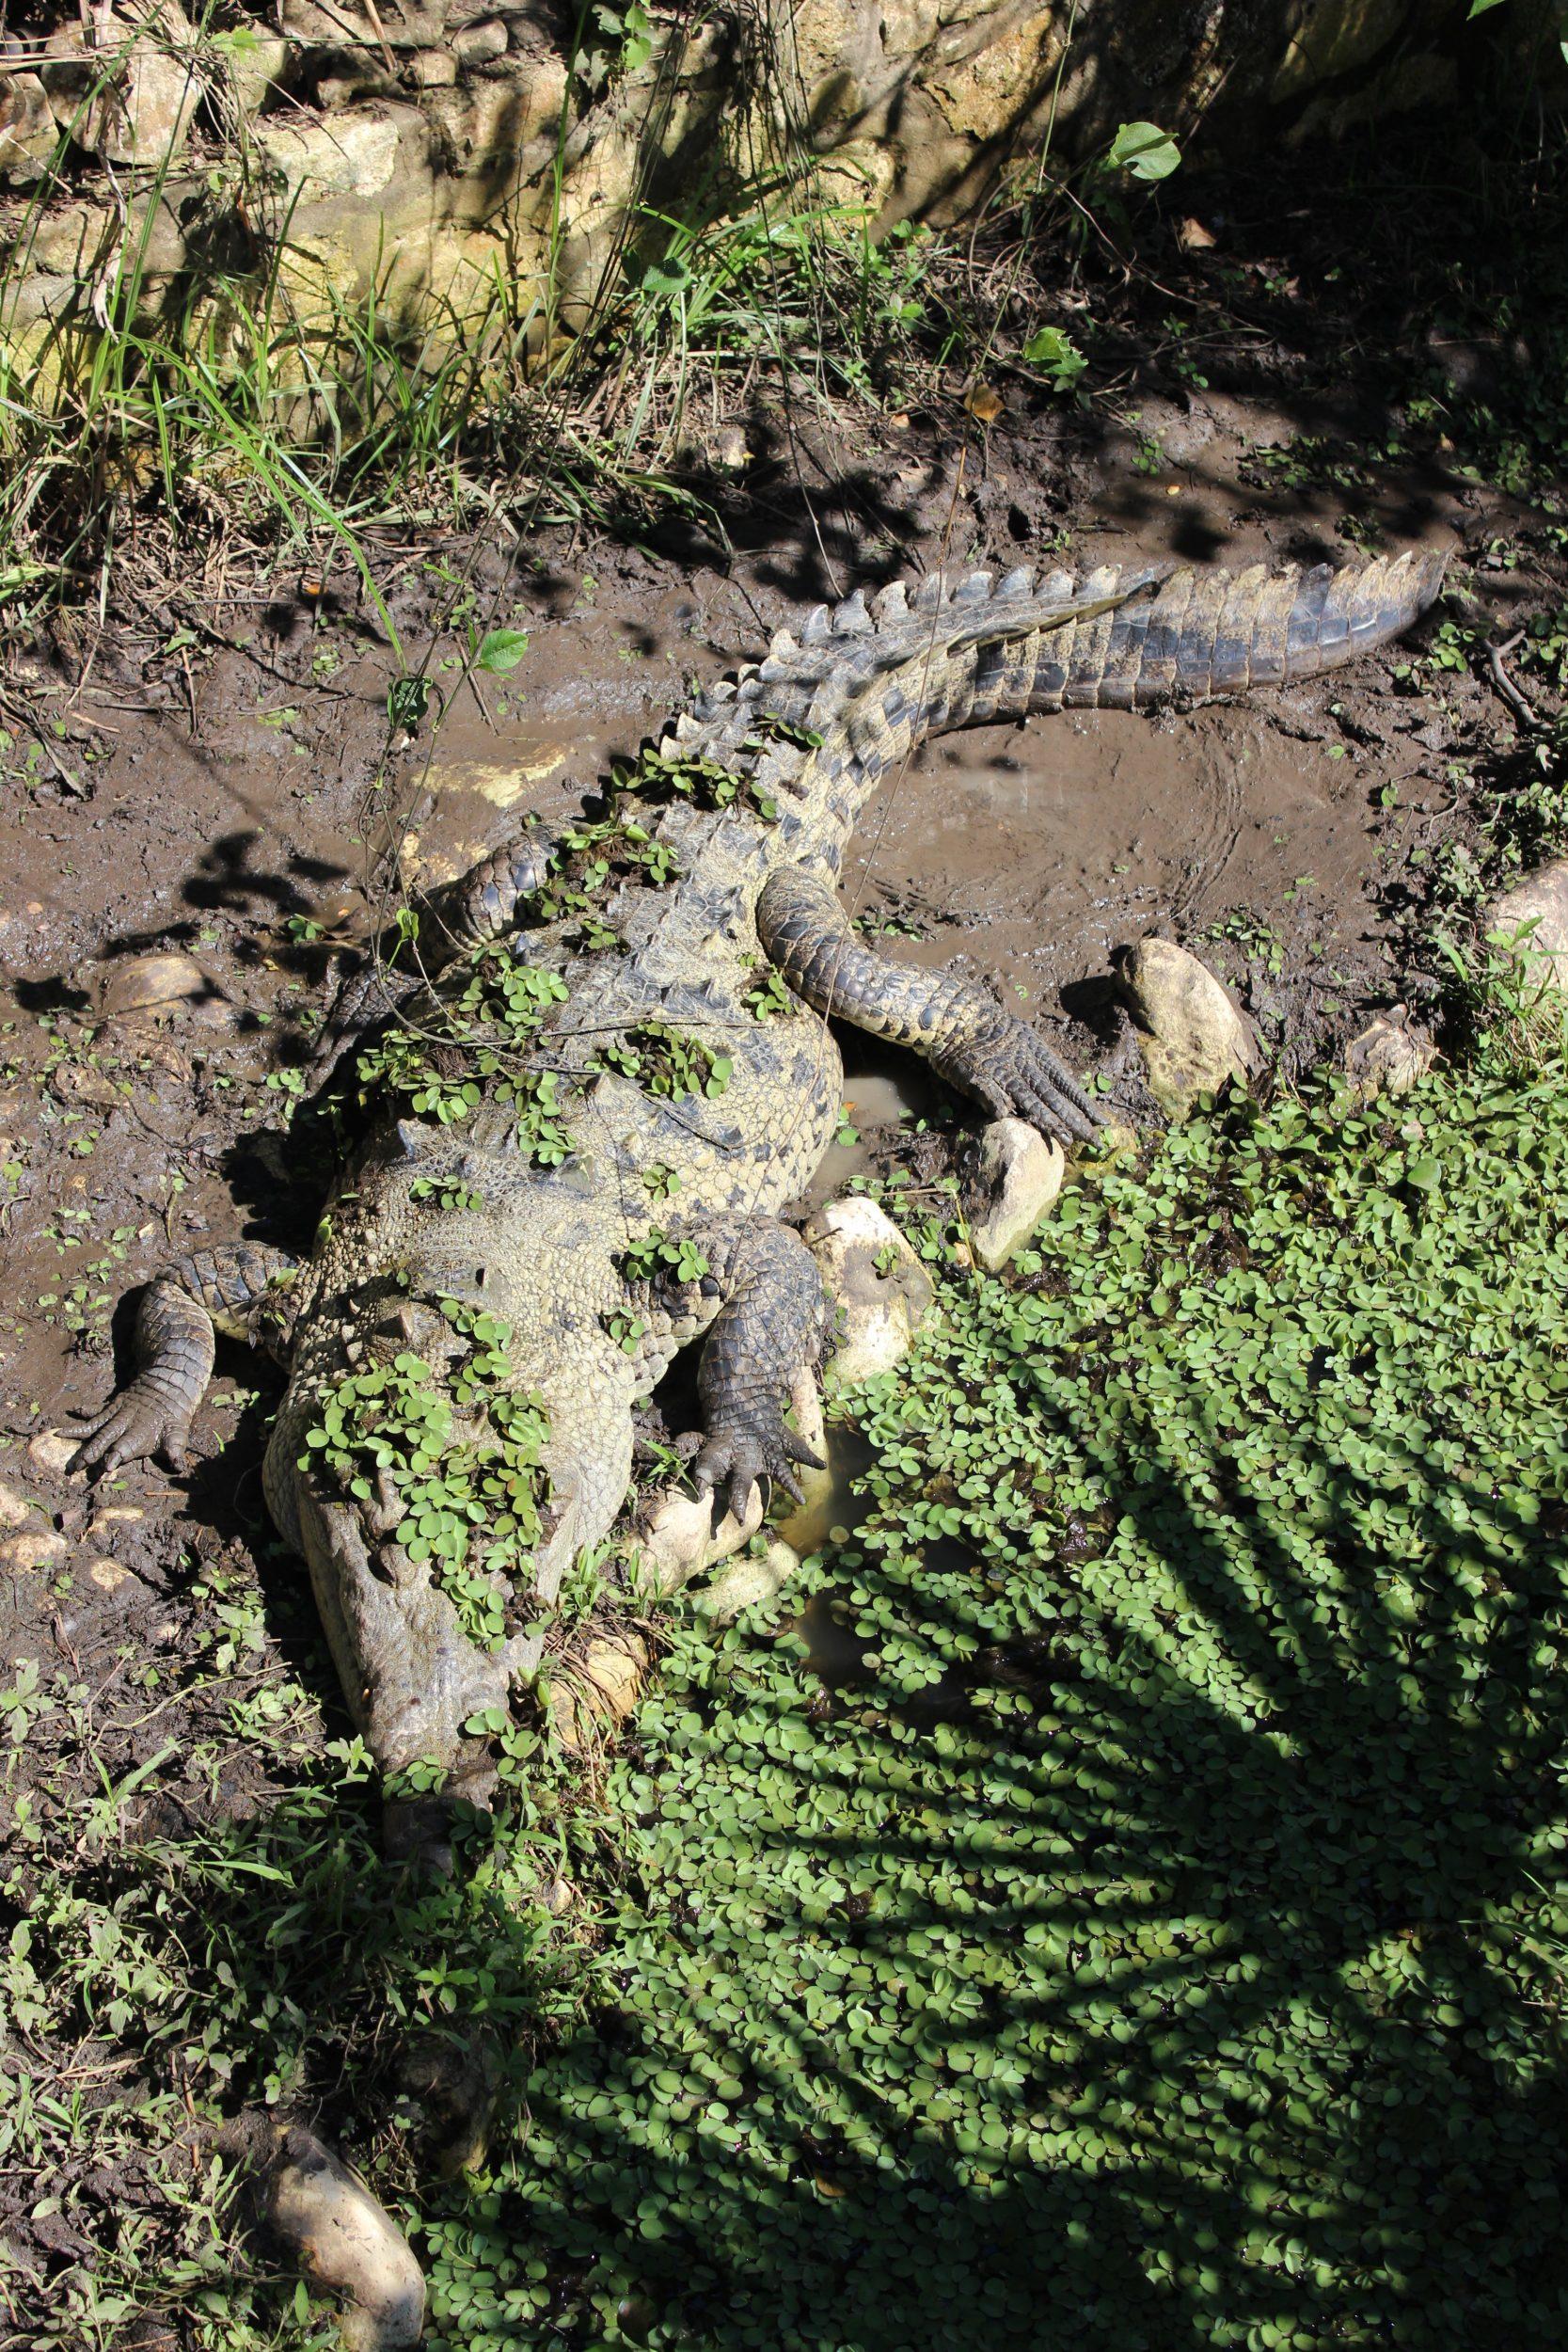 crocodile eco park aluxes